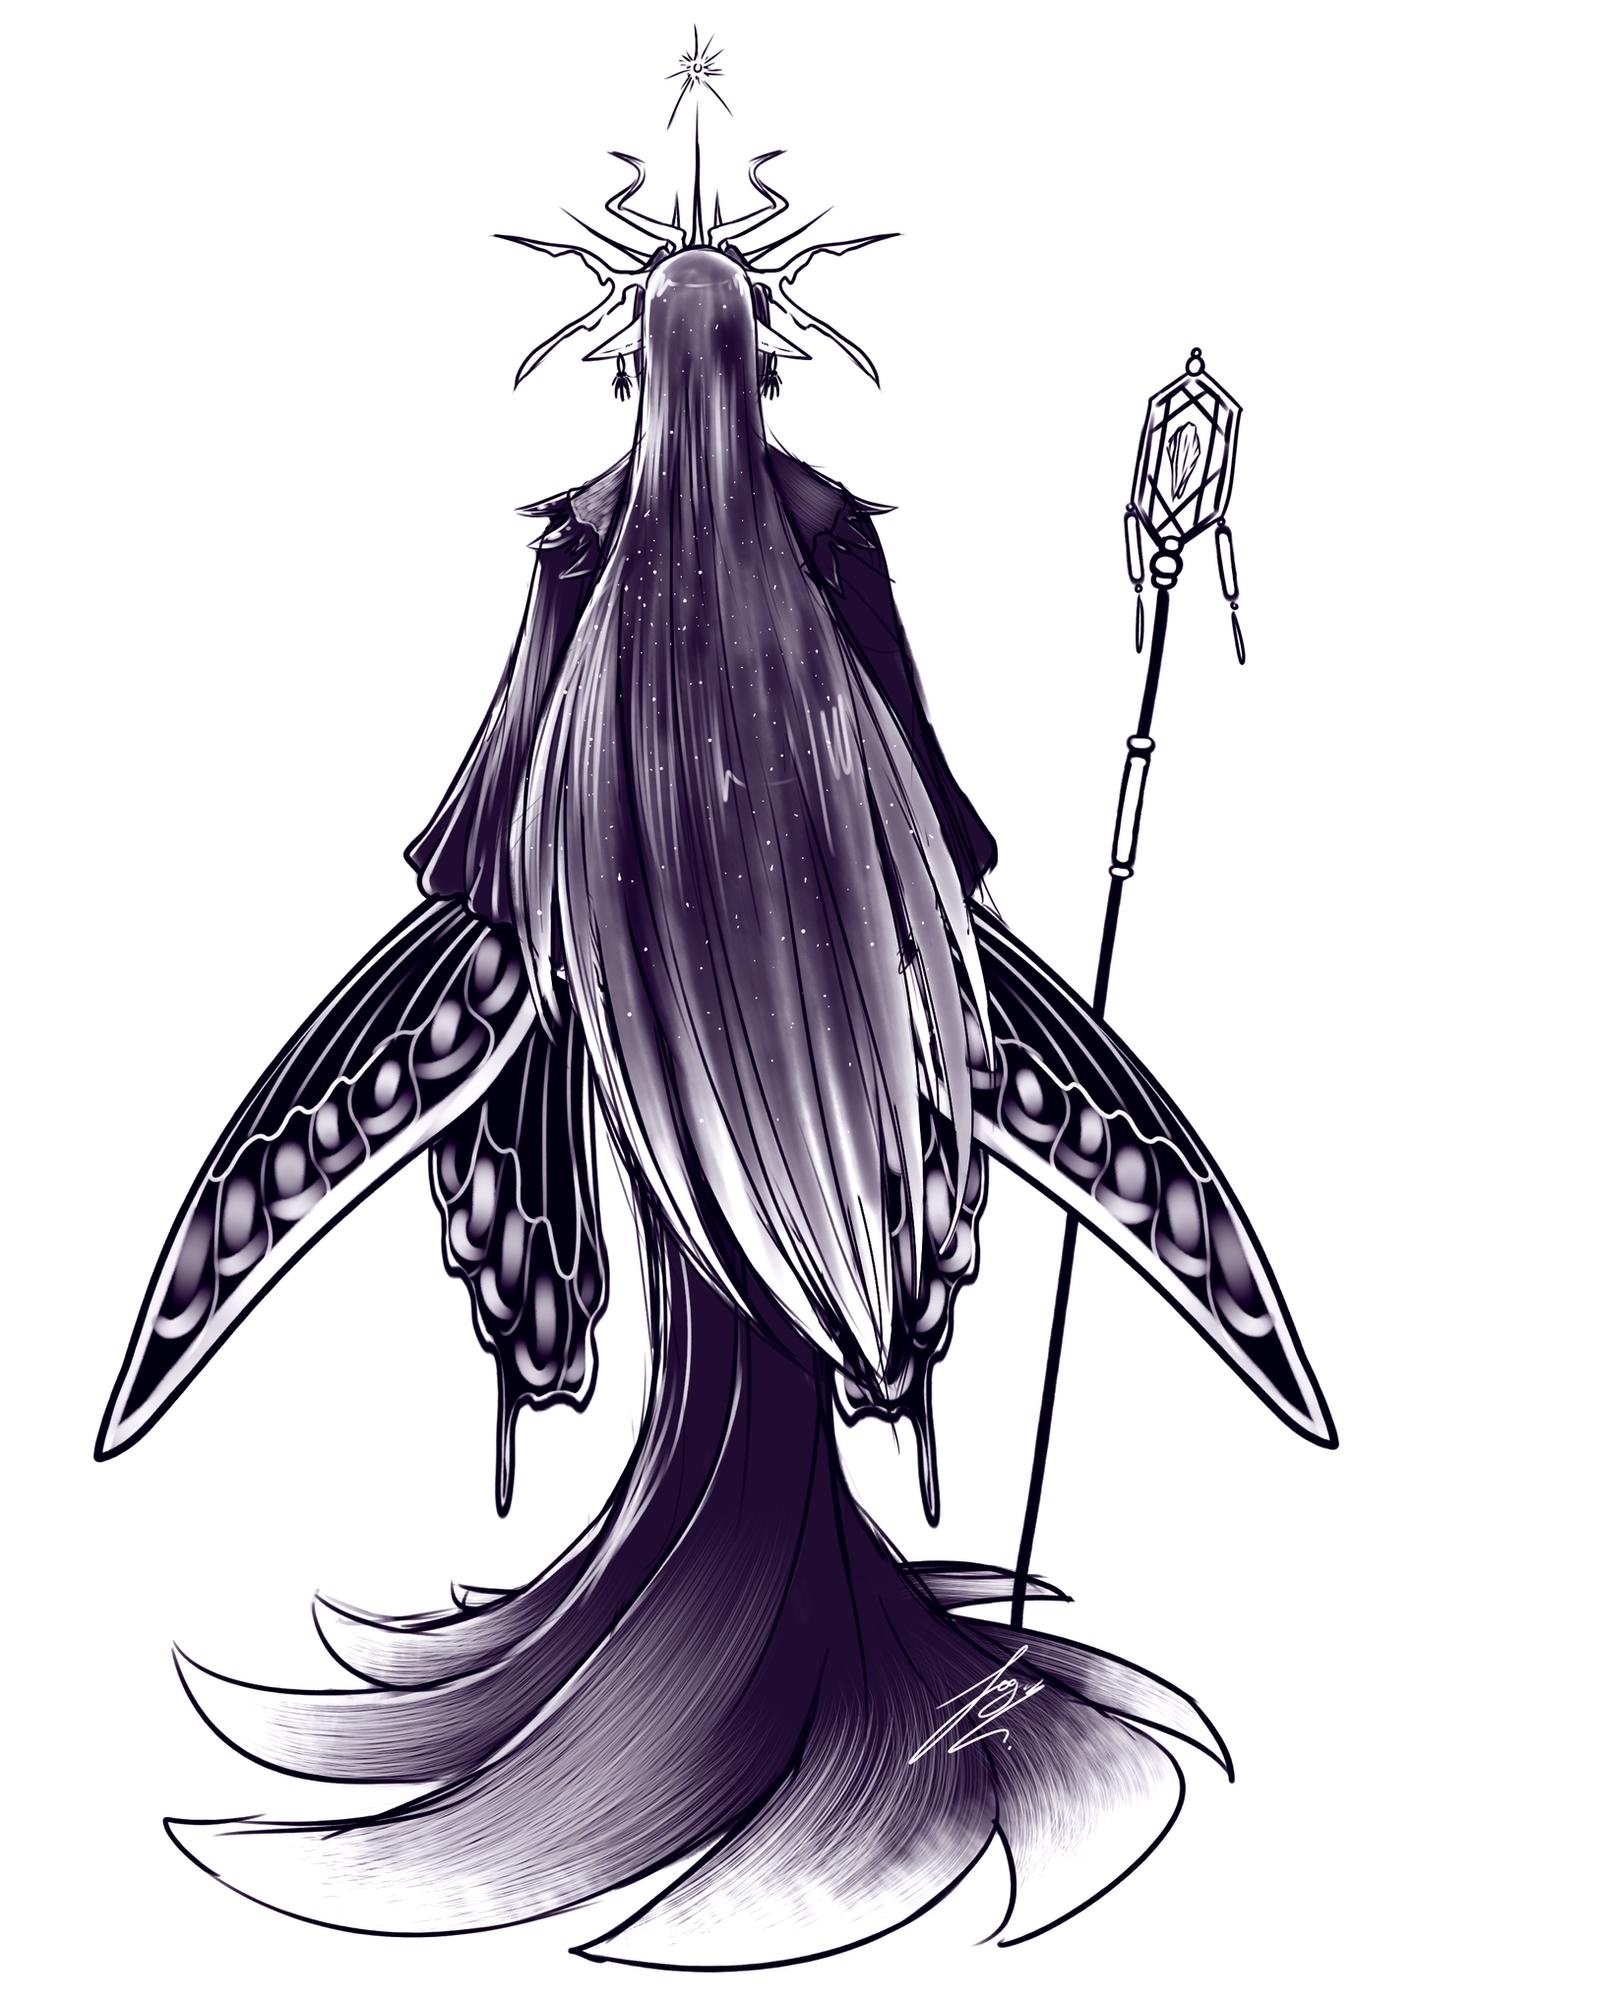 Queen Mab - Clean Sketch by Juacamo